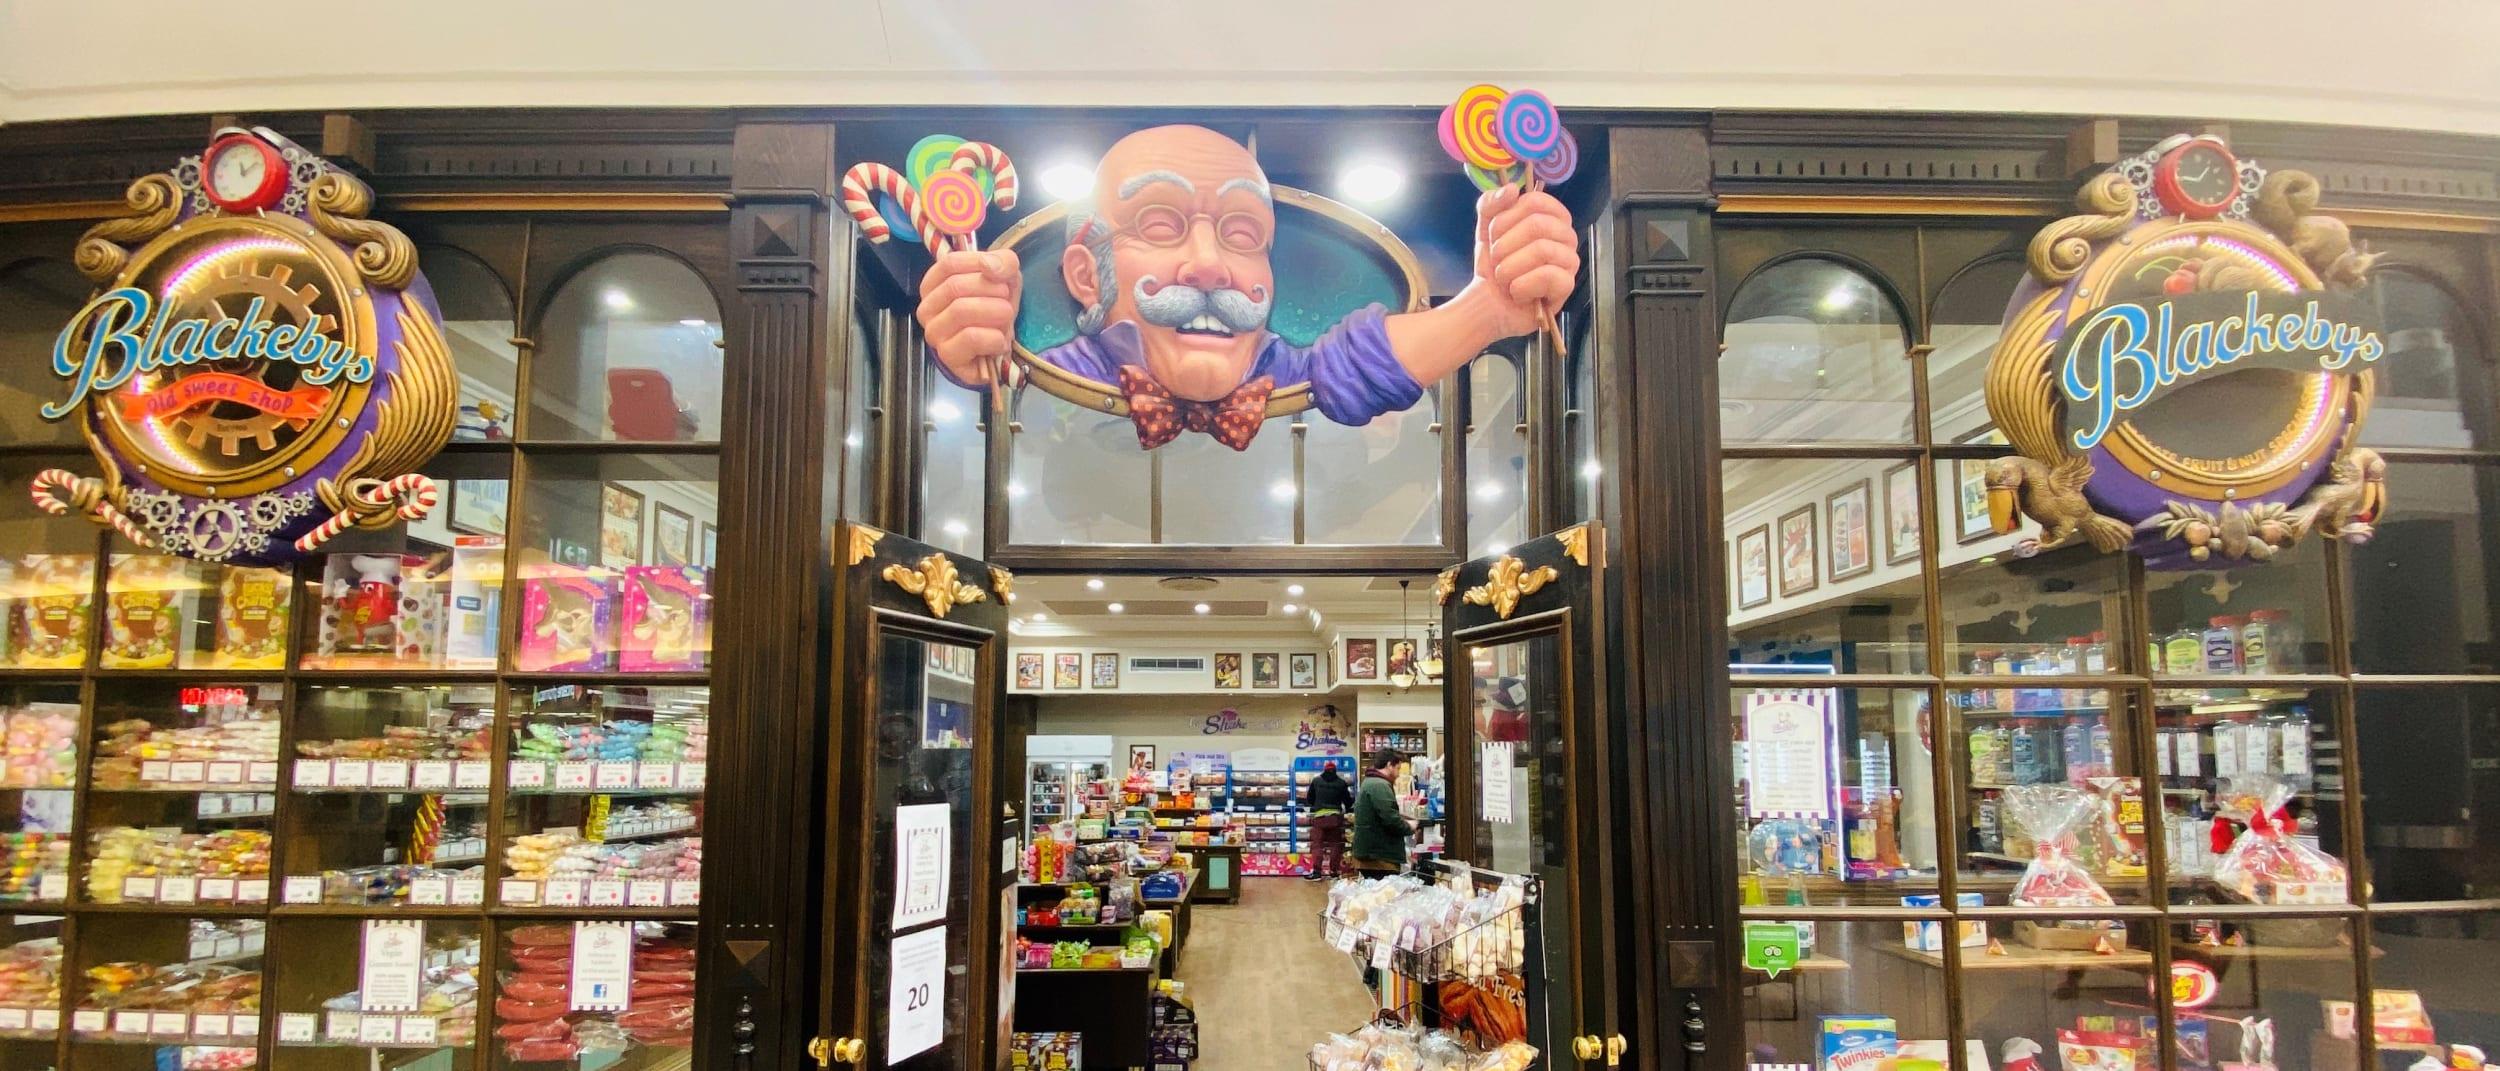 Hidden treasures: Meet Blackebys Old Sweet Shop